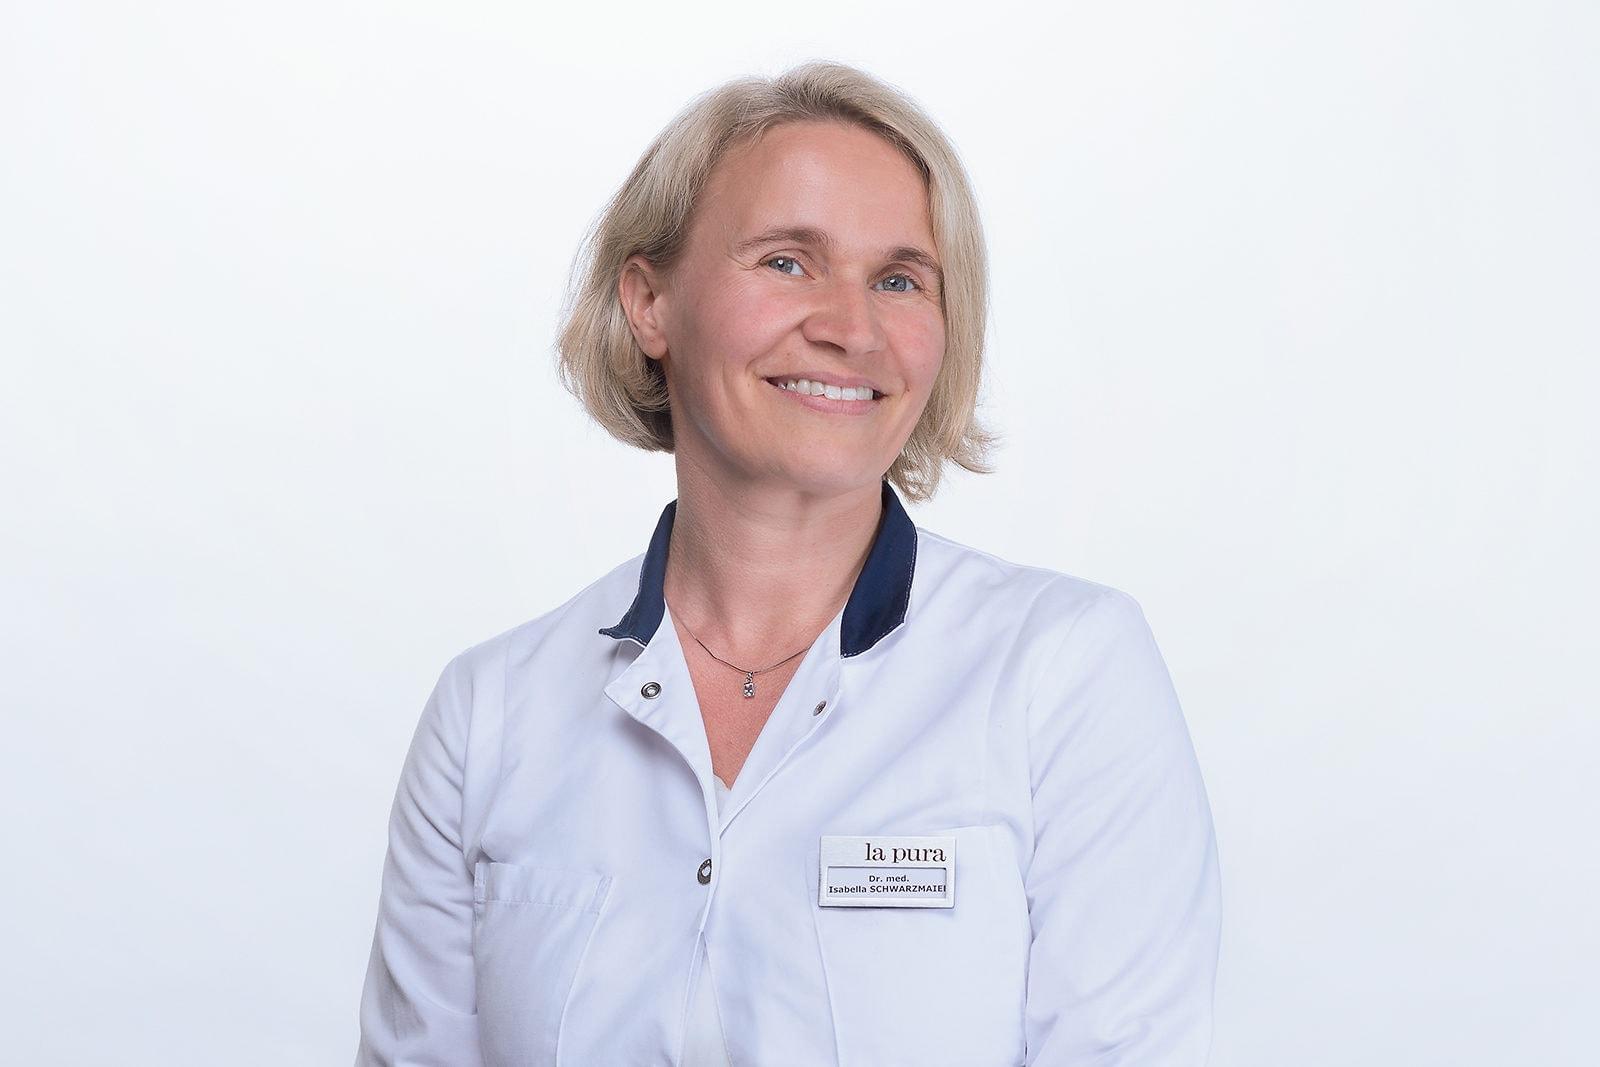 Dr. Isabella Schwarzmaier